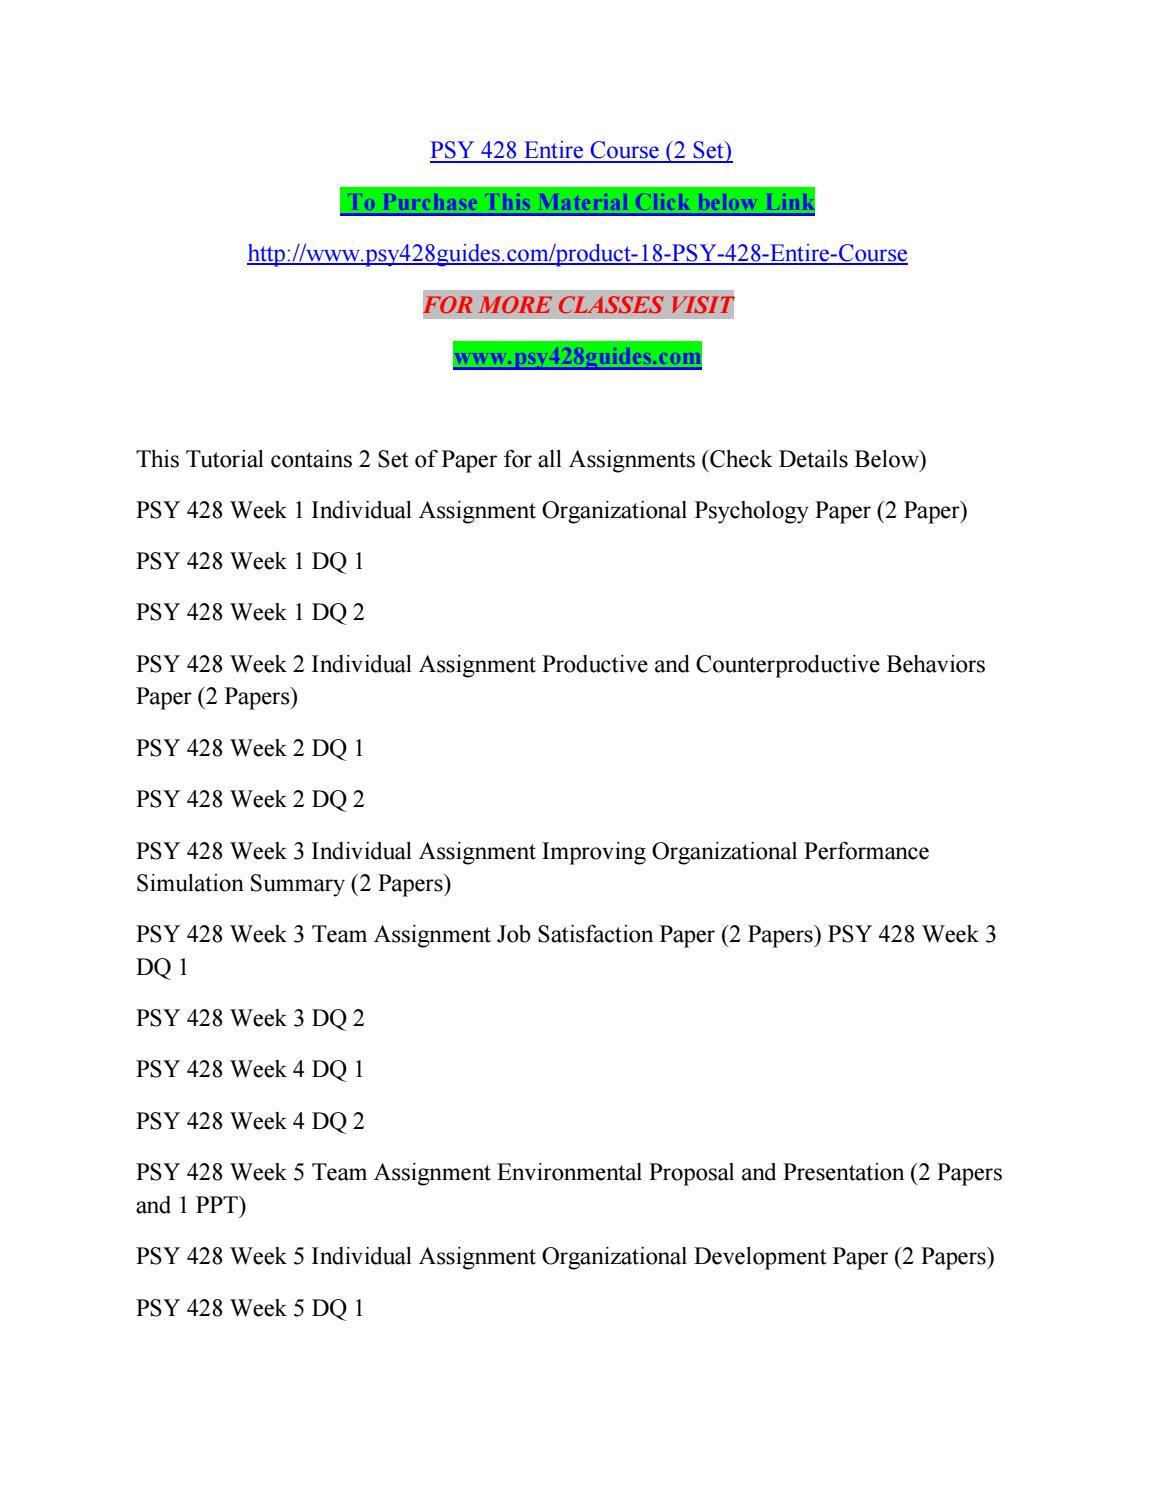 Psy 428 environmental proposal and presentation